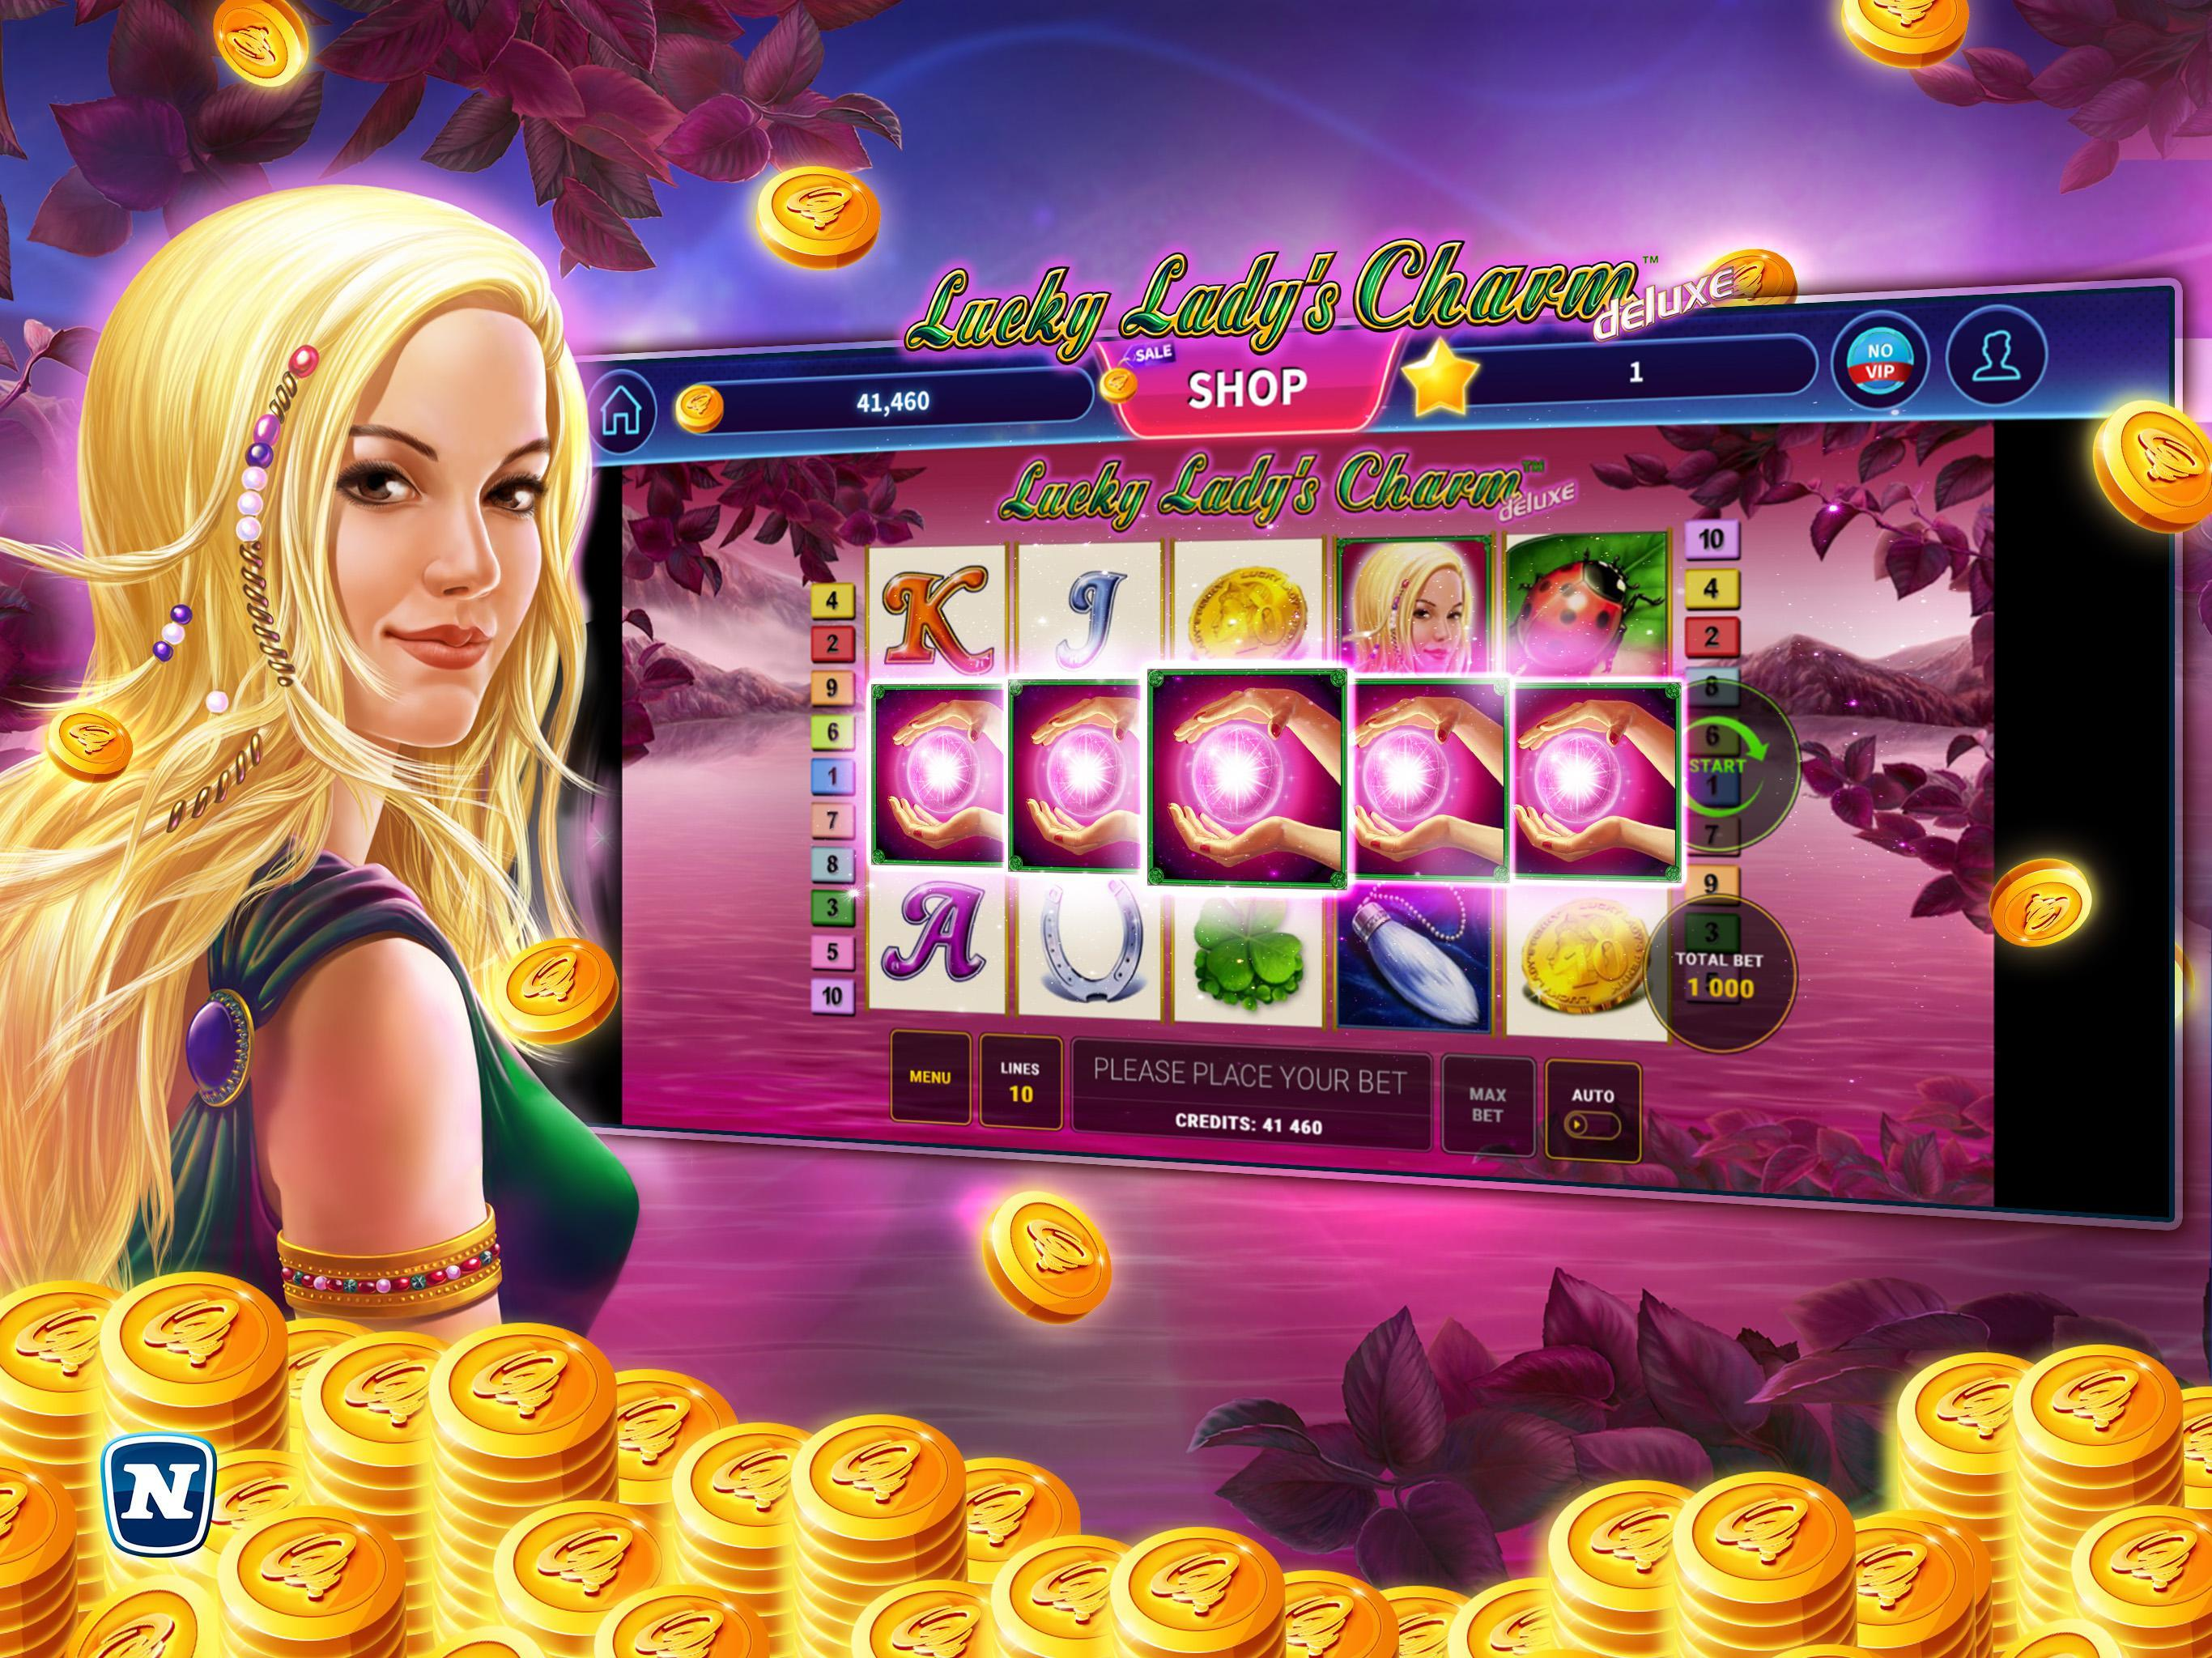 Игровой автомат lucky lady charm рейтинг слотов рф игровые украина автоматы играть бесплатно